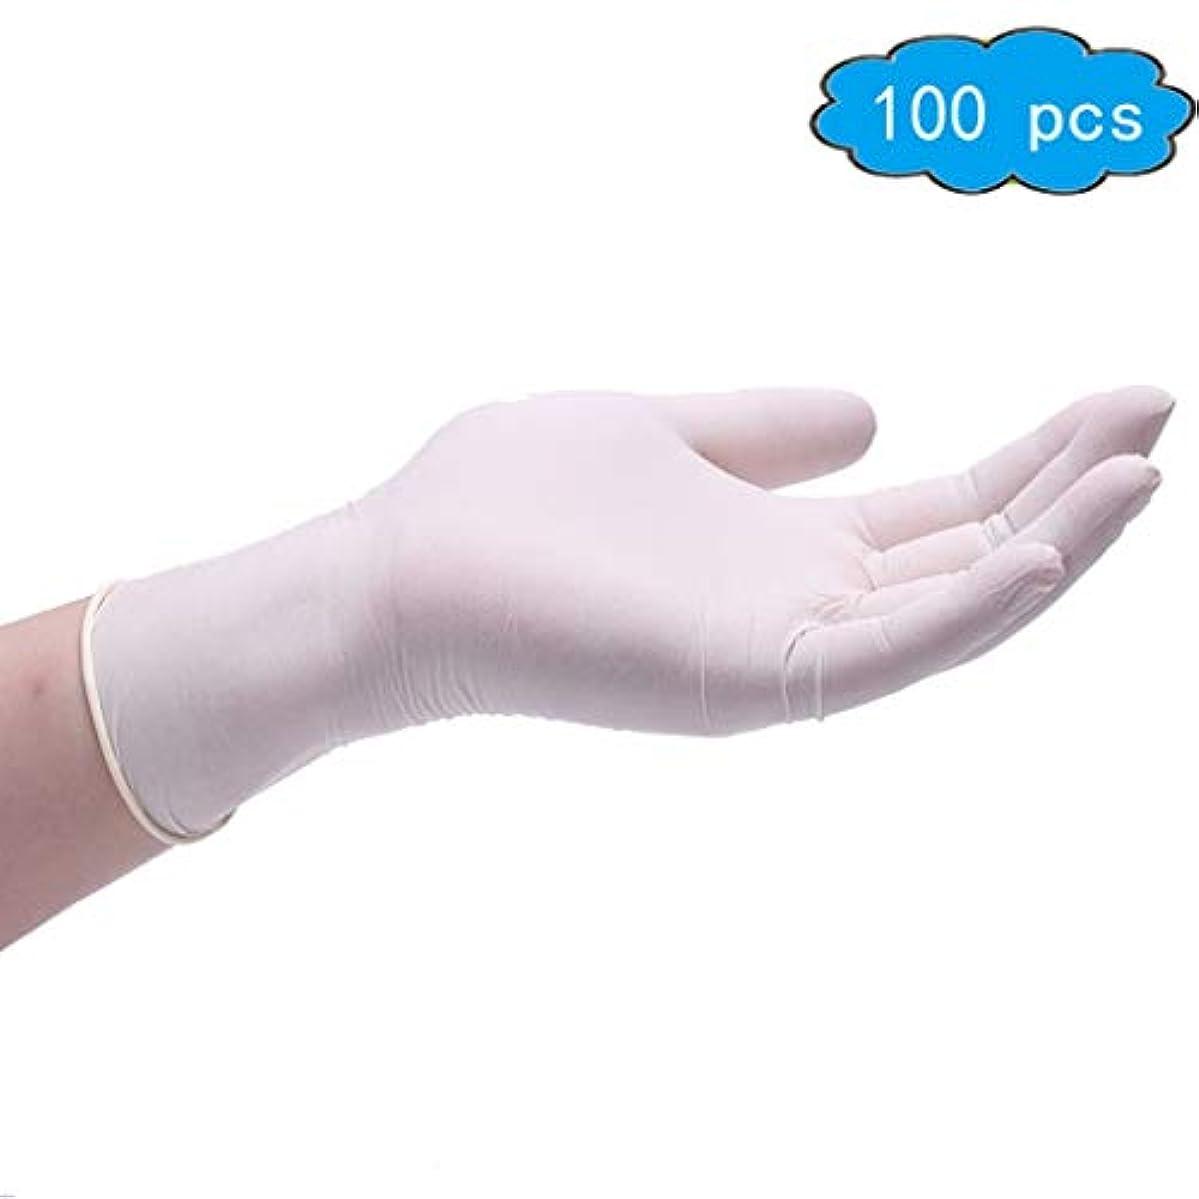 使い捨てラテックスゴム手袋、100カウント、大–パウダーフリー、両手利き、超快適、超強力、耐久性と伸縮性、医療、食品および多用途–肥厚、生理用手袋 (Color : White, Size : XL)